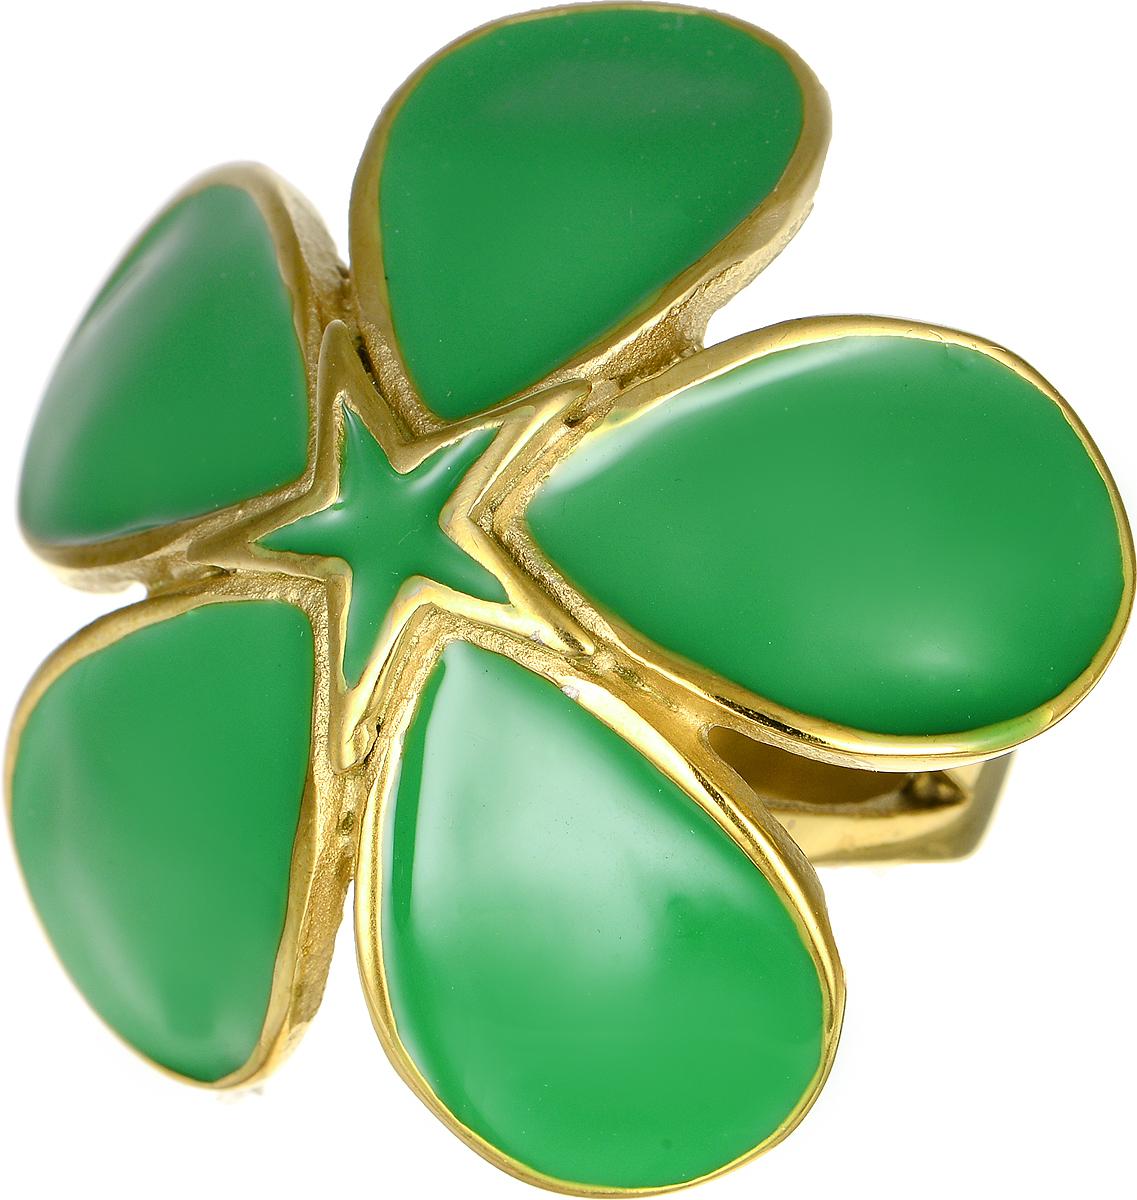 Кольцо Polina Selezneva, цвет: золотистый, зеленый. DG-0004. Размер 19DG-0004-09Стильное кольцо Polina Selezneva изготовлено из качественного металлического сплава. Декоративная часть выполнена в виде цветка с покрытием из эмали.